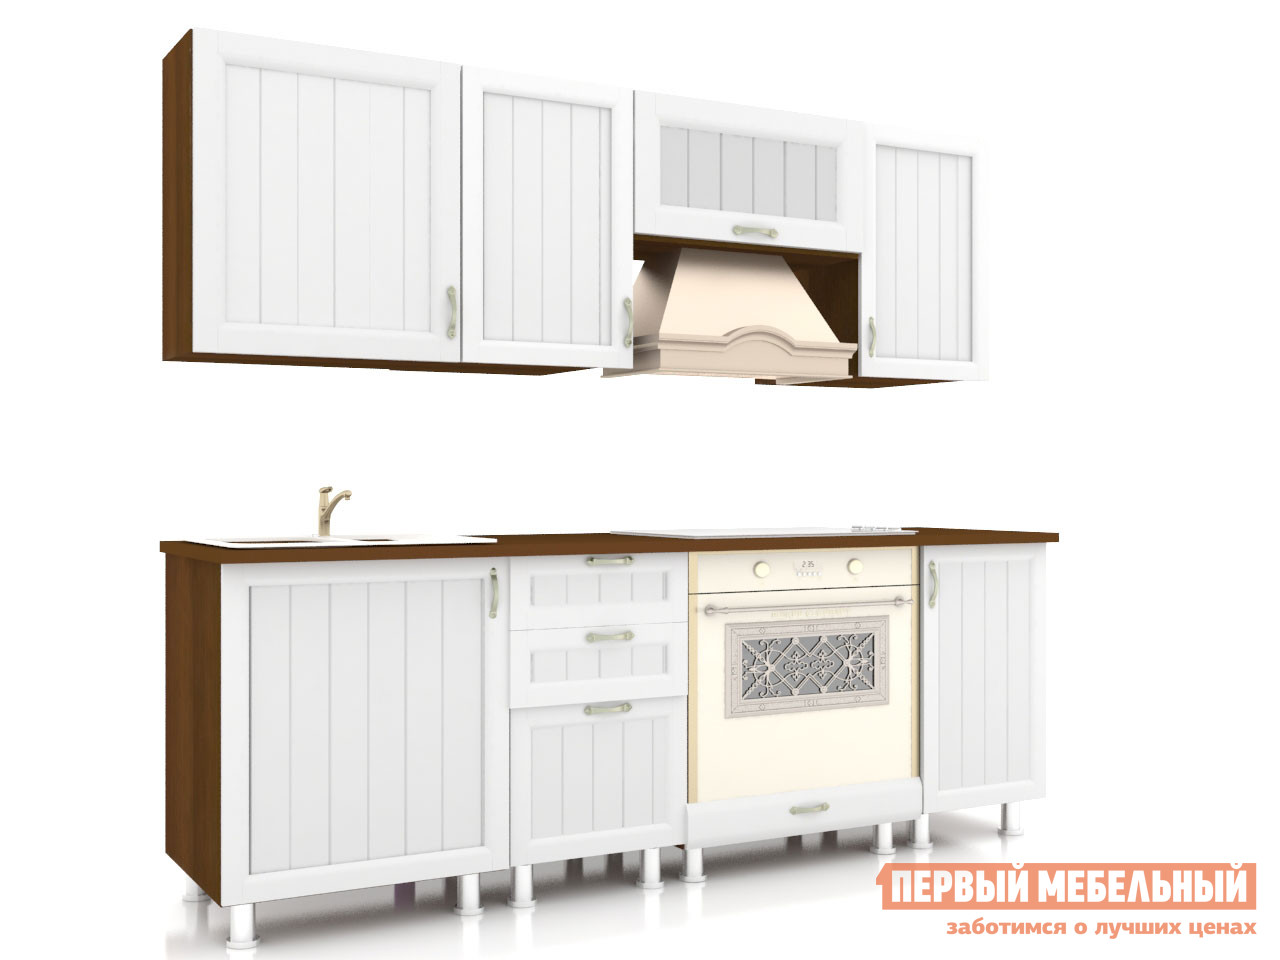 Кухонный гарнитур Любимый дом Кантри 200 см Ясень Светлый любимый дом кухонный гарнитур анастасия